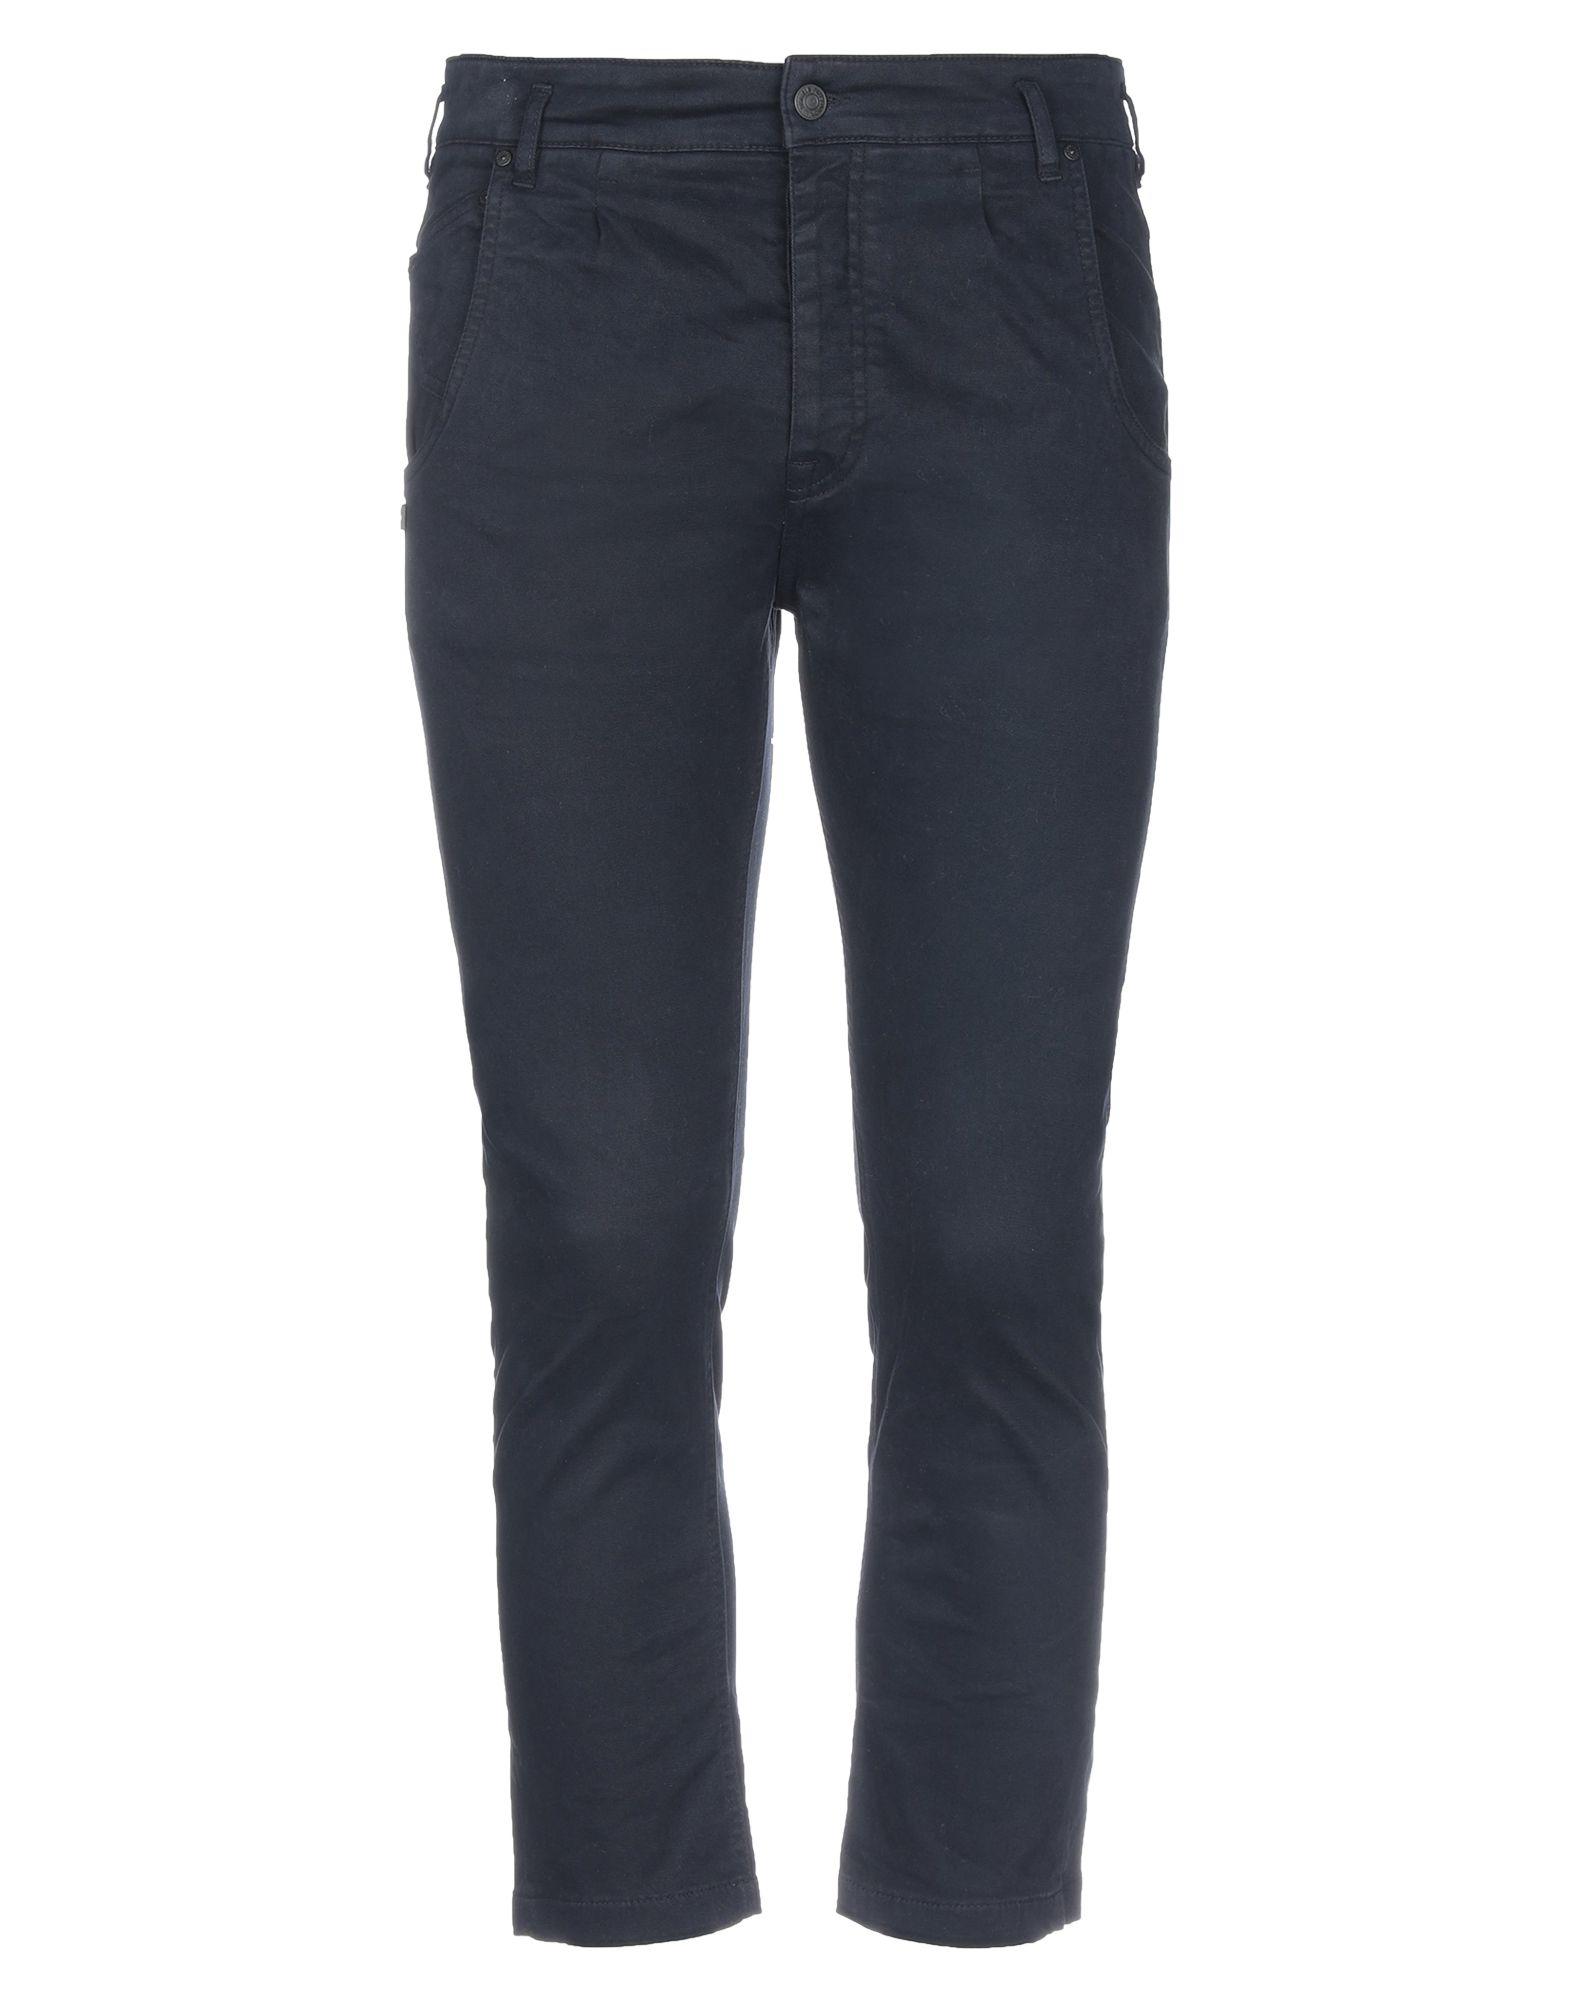 《セール開催中》DANIELE ALESSANDRINI メンズ パンツ ダークブルー 32 コットン 98% / ポリウレタン 2%